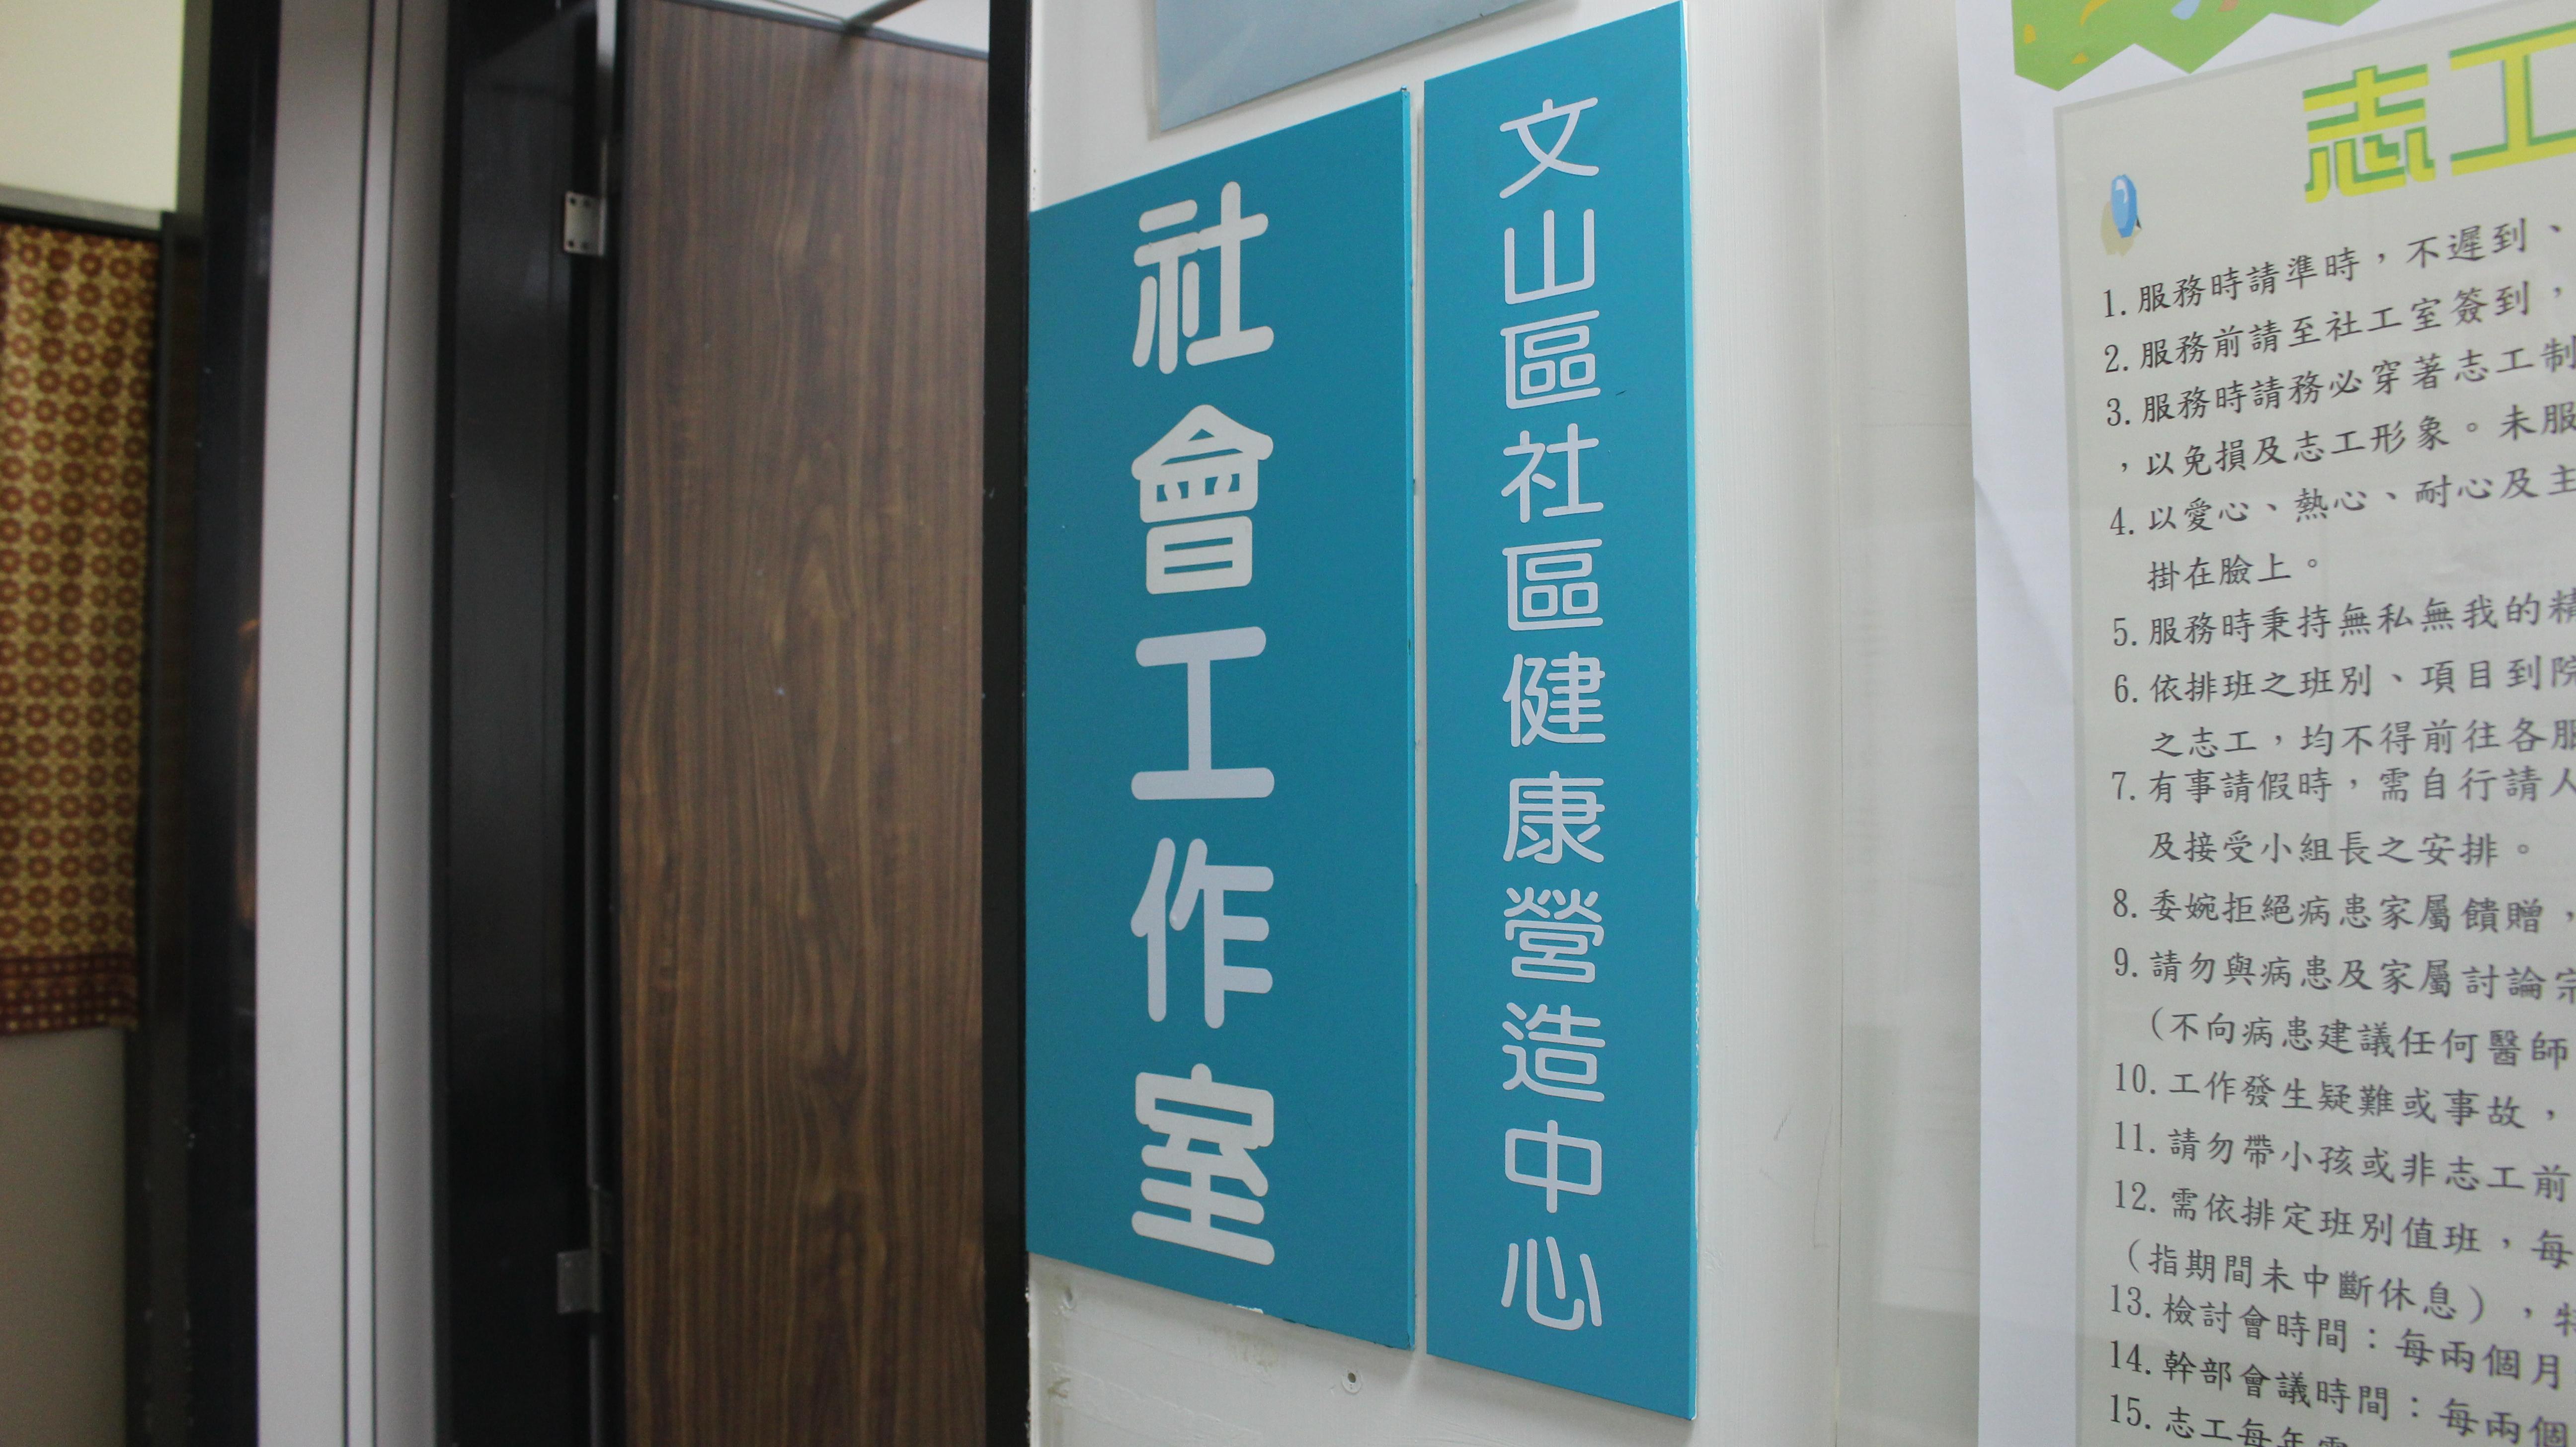 萬芳醫院社會工作室與營養室一同規劃獨居老人送餐服務。攝影/林聖捷